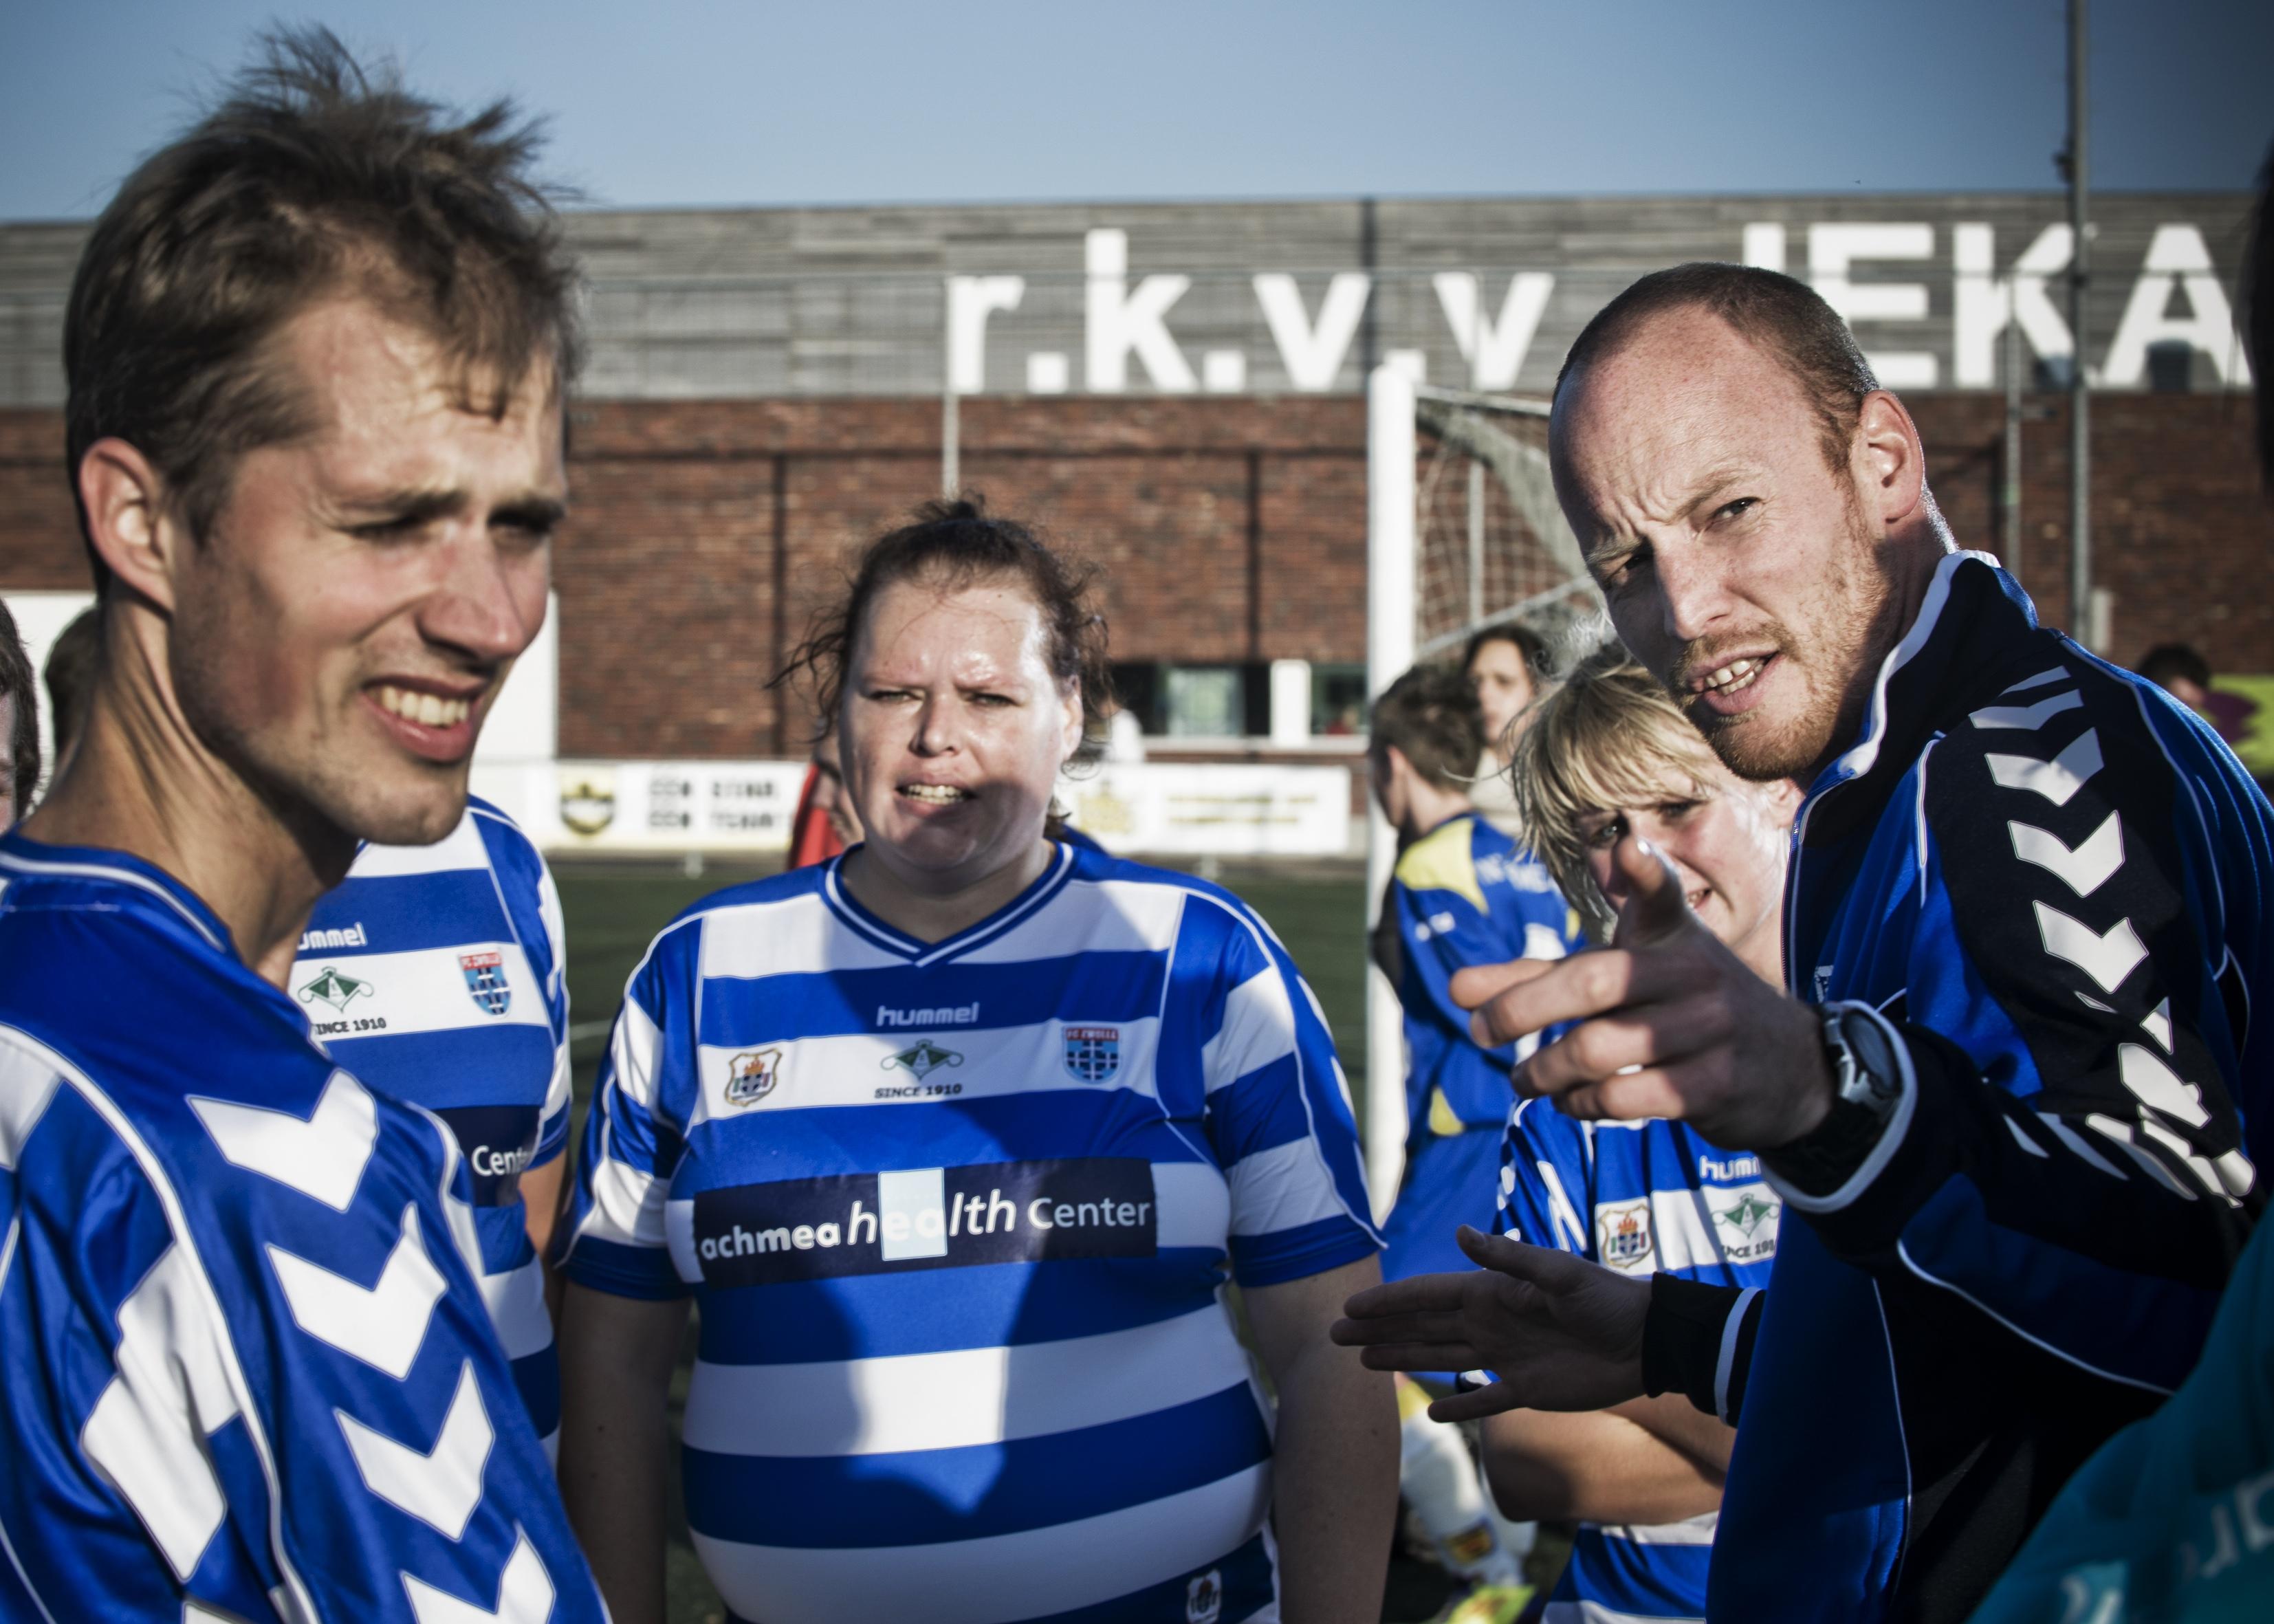 Op bezoek bij: Cursus Maatschappelijke Sportcoach in Bergen op Zoom